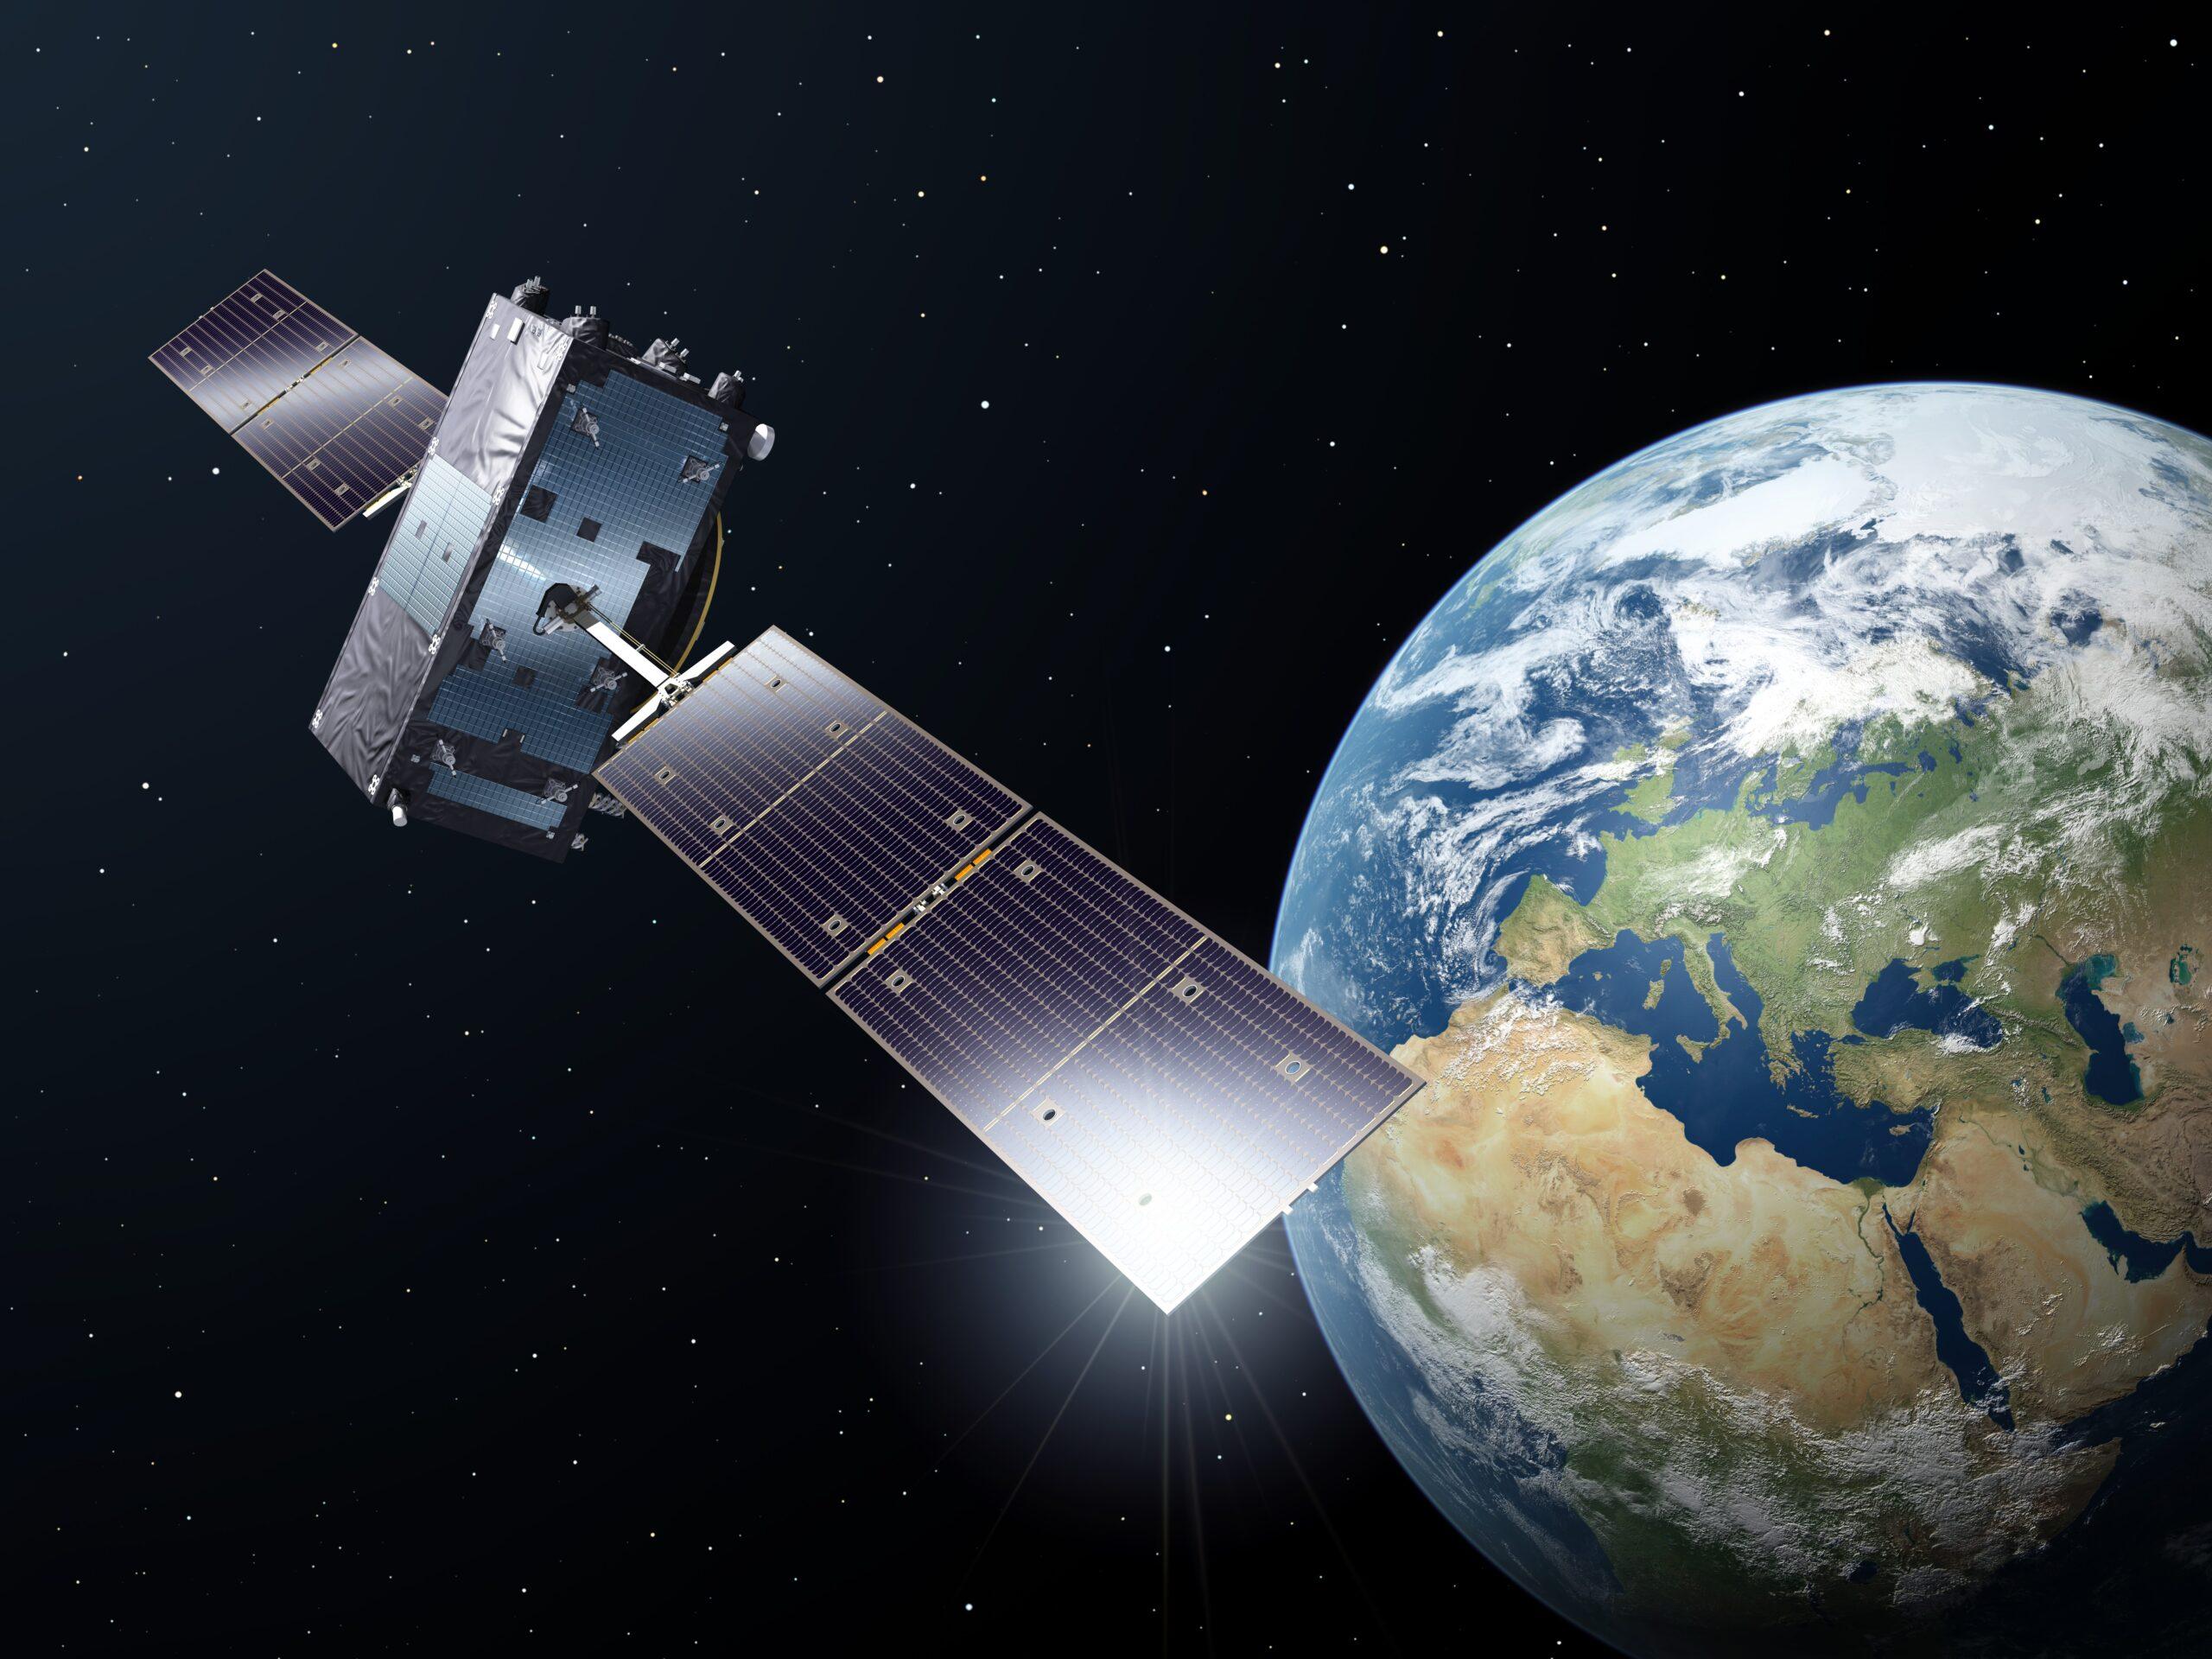 ASI - Galileo